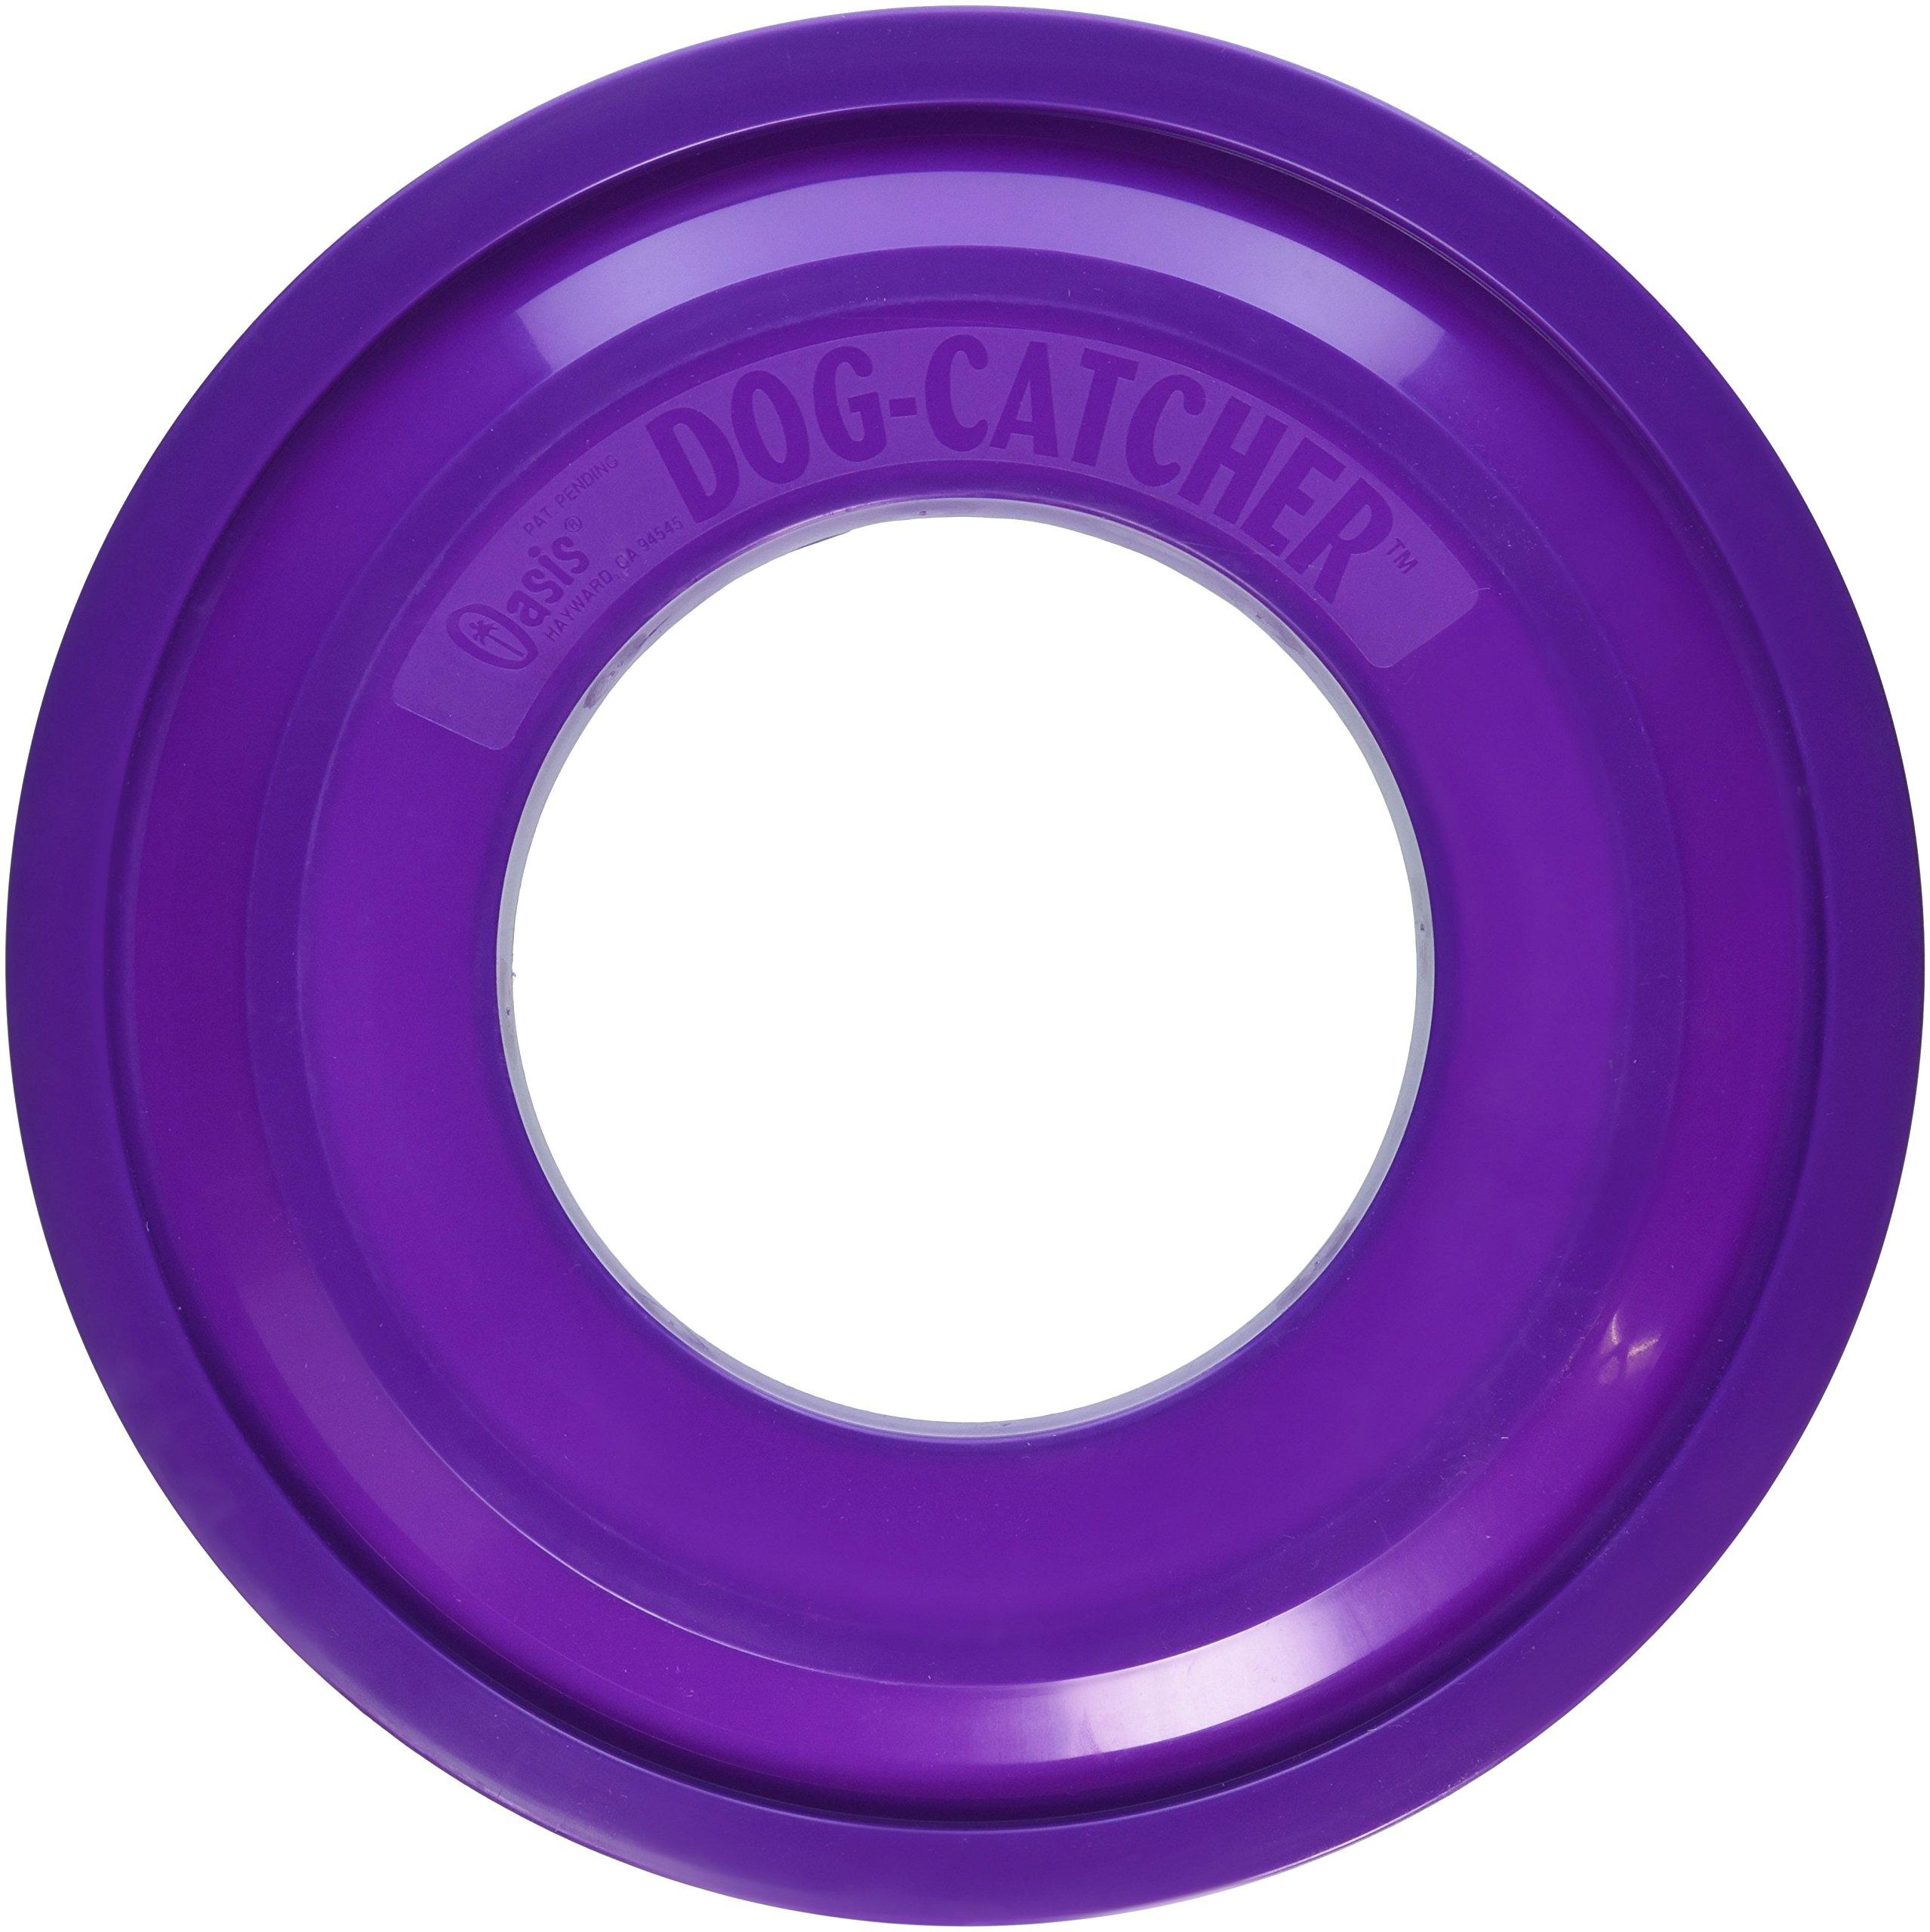 Kordon/Oasis (Novalek) DOA80035 Dog Catcher Flying Disc, 12-Inch, Colors Vary